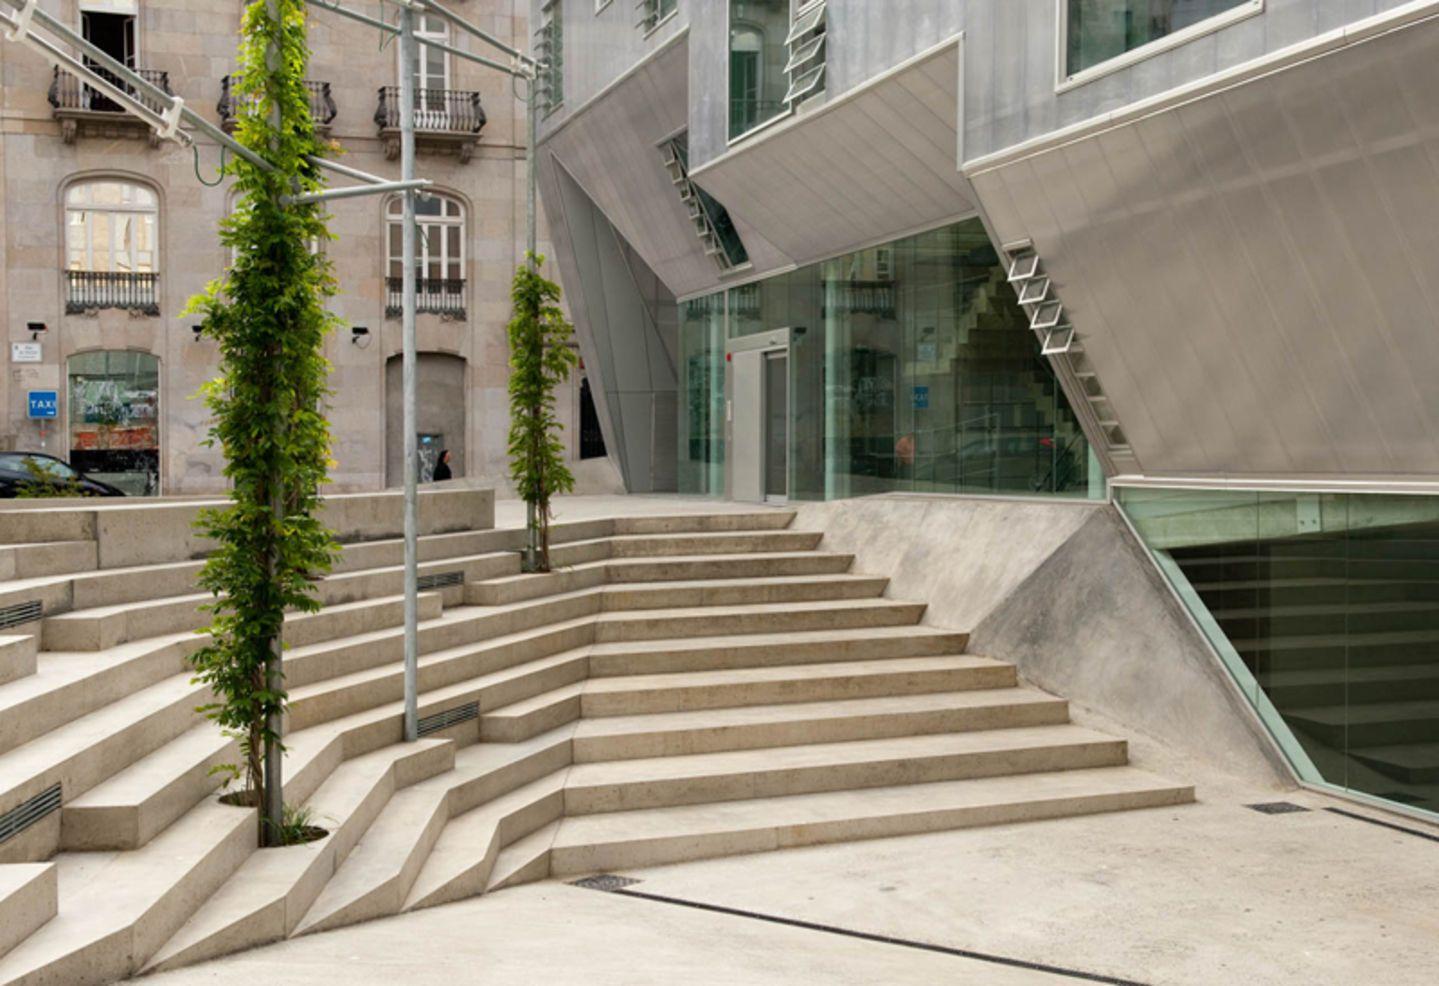 Irisarri pi era arquitectos manuel gonz lez vicente sede del coag y plaza del pueblo - Arquitectos en vigo ...